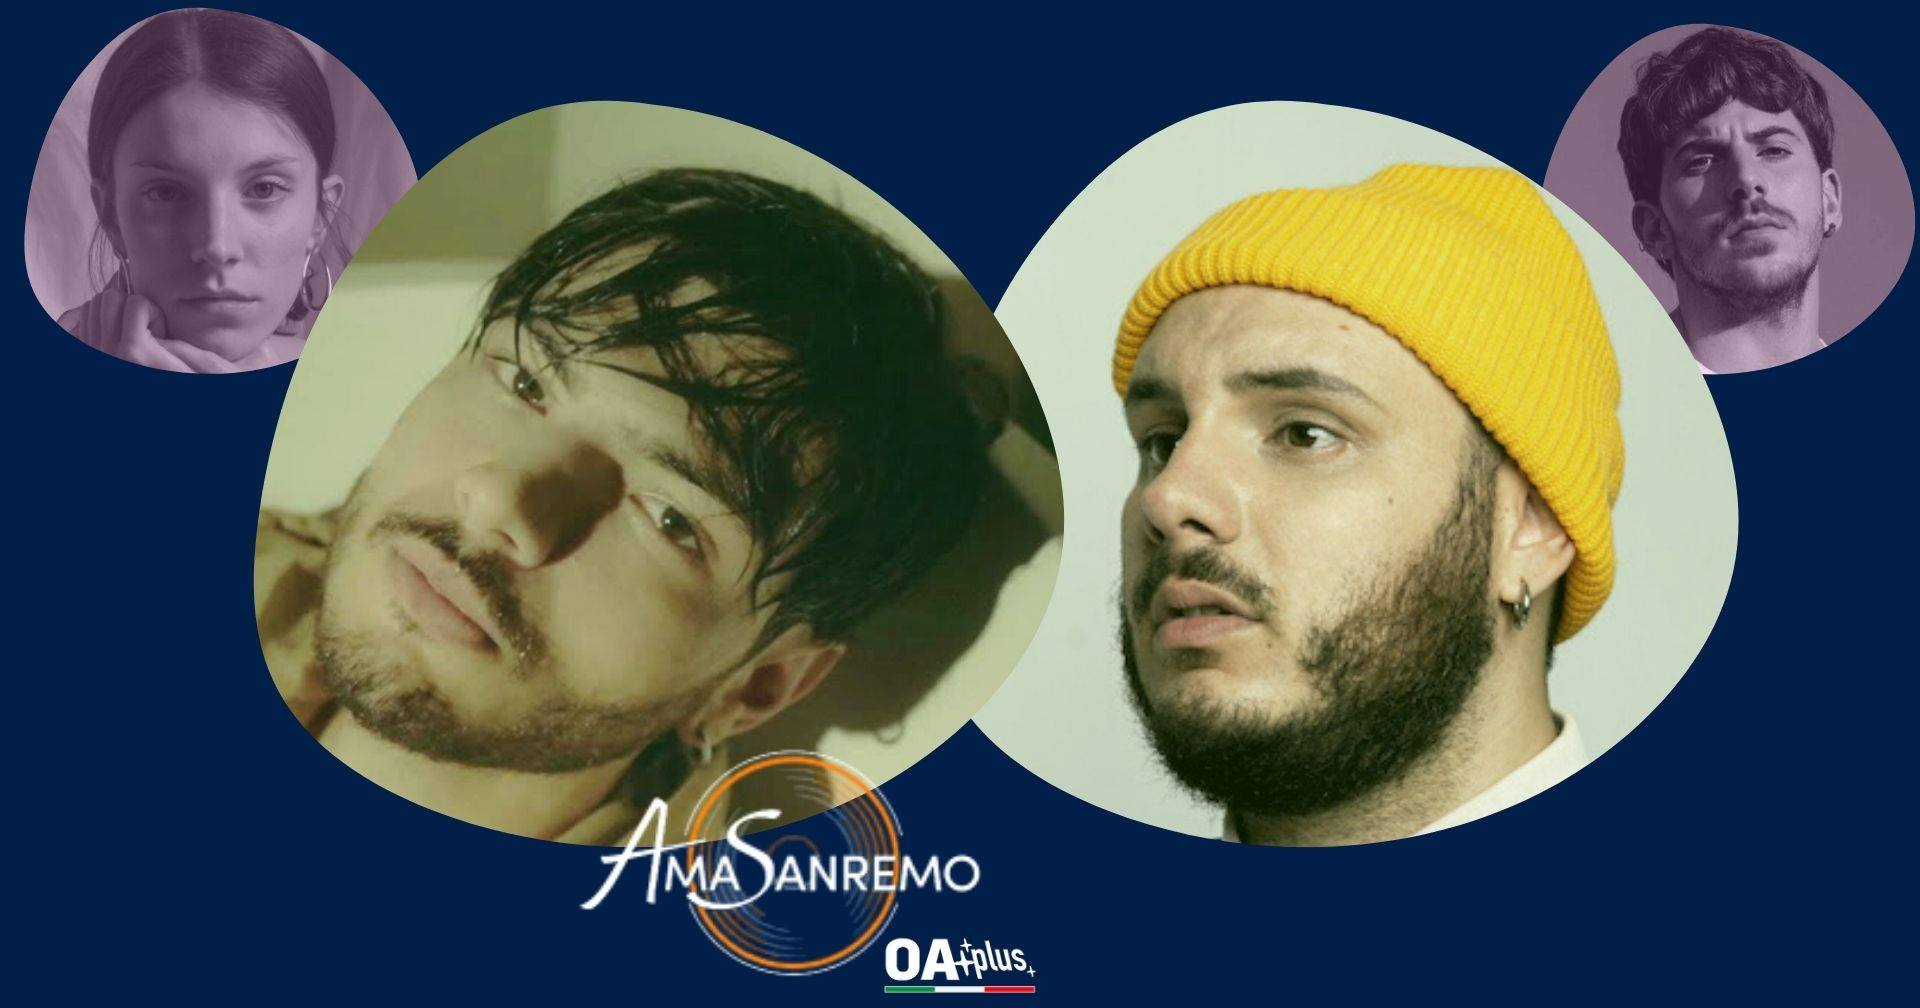 AmaSanremo: Merlot e Wrongonyou promossi per Sanremo Giovani, ma il pubblico cambia canale. LE PAGELLE della prima puntata